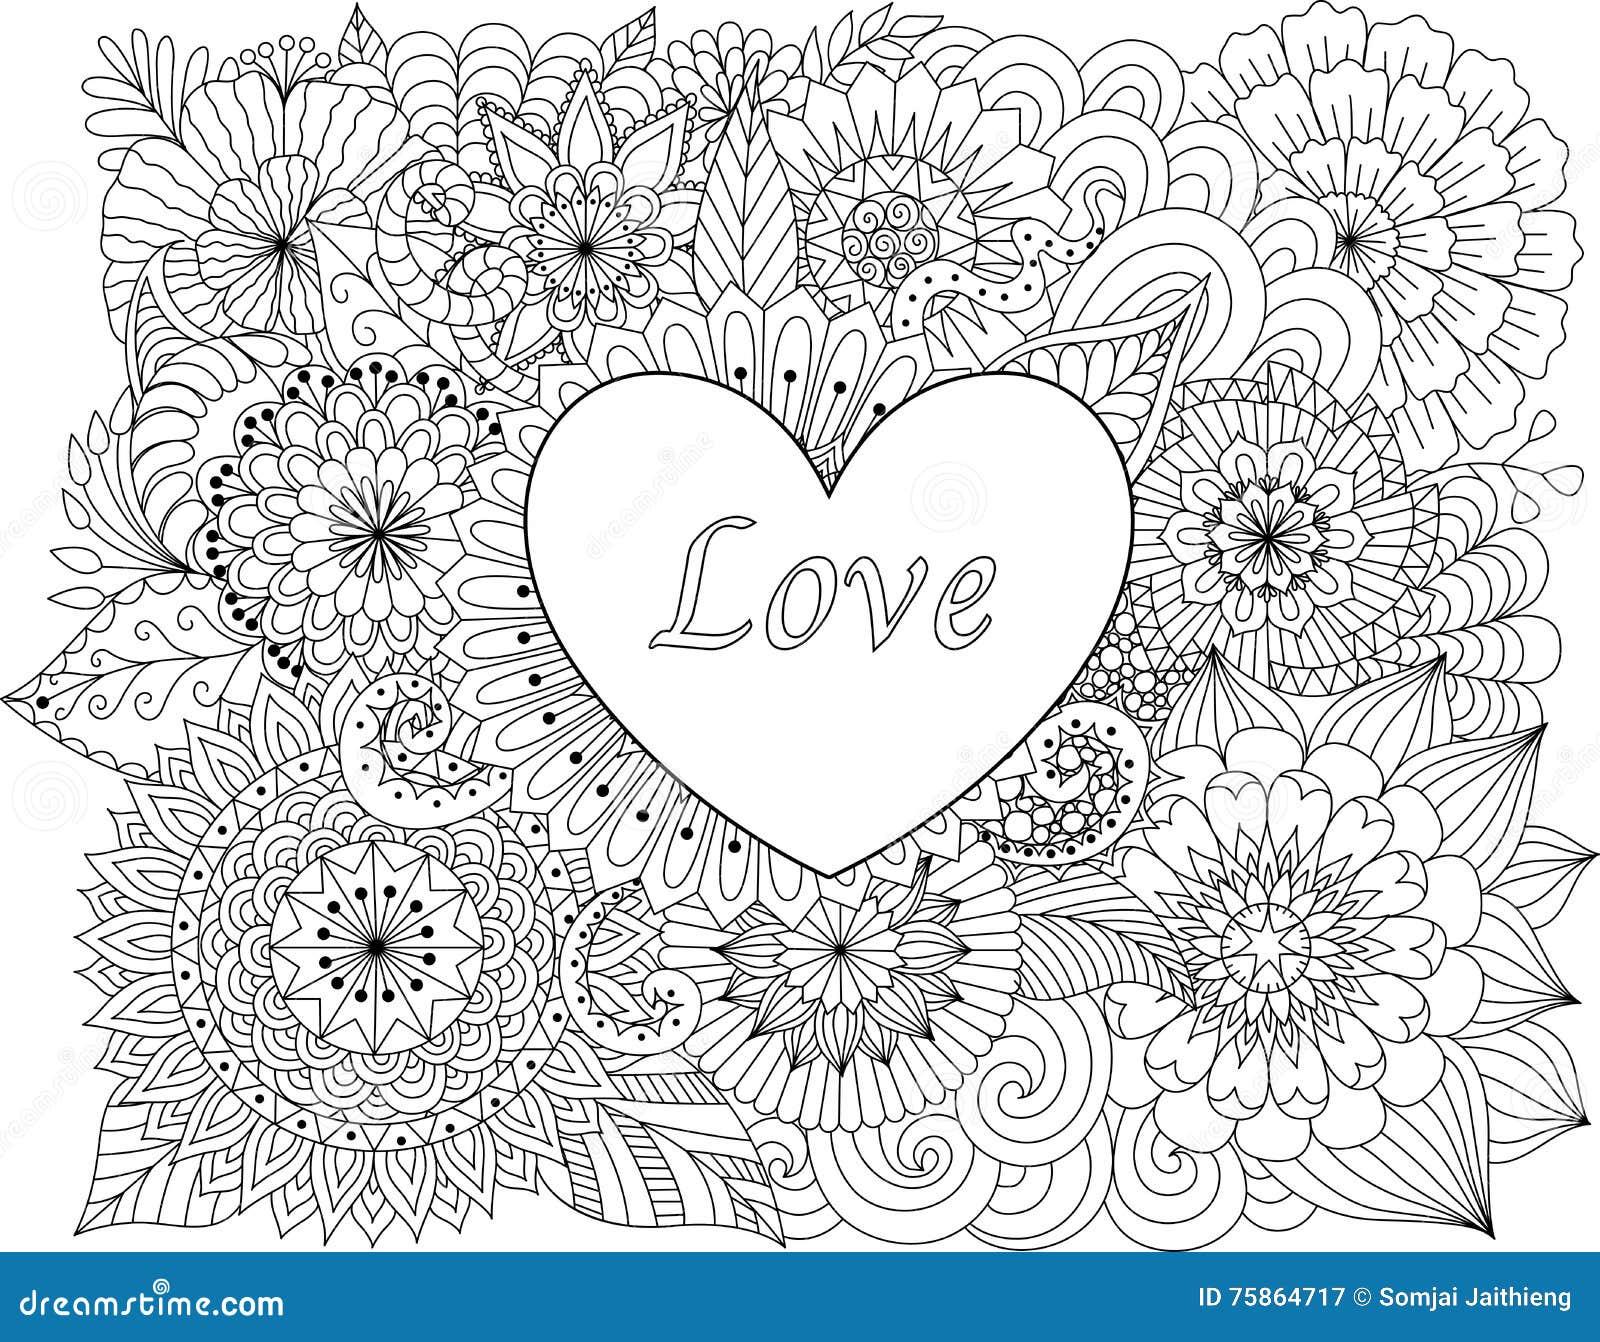 Coloriage Adulte Coeur.Coeur Sur Des Fleurs Pour Livres De Coloriage Pour La Carte D Adulte